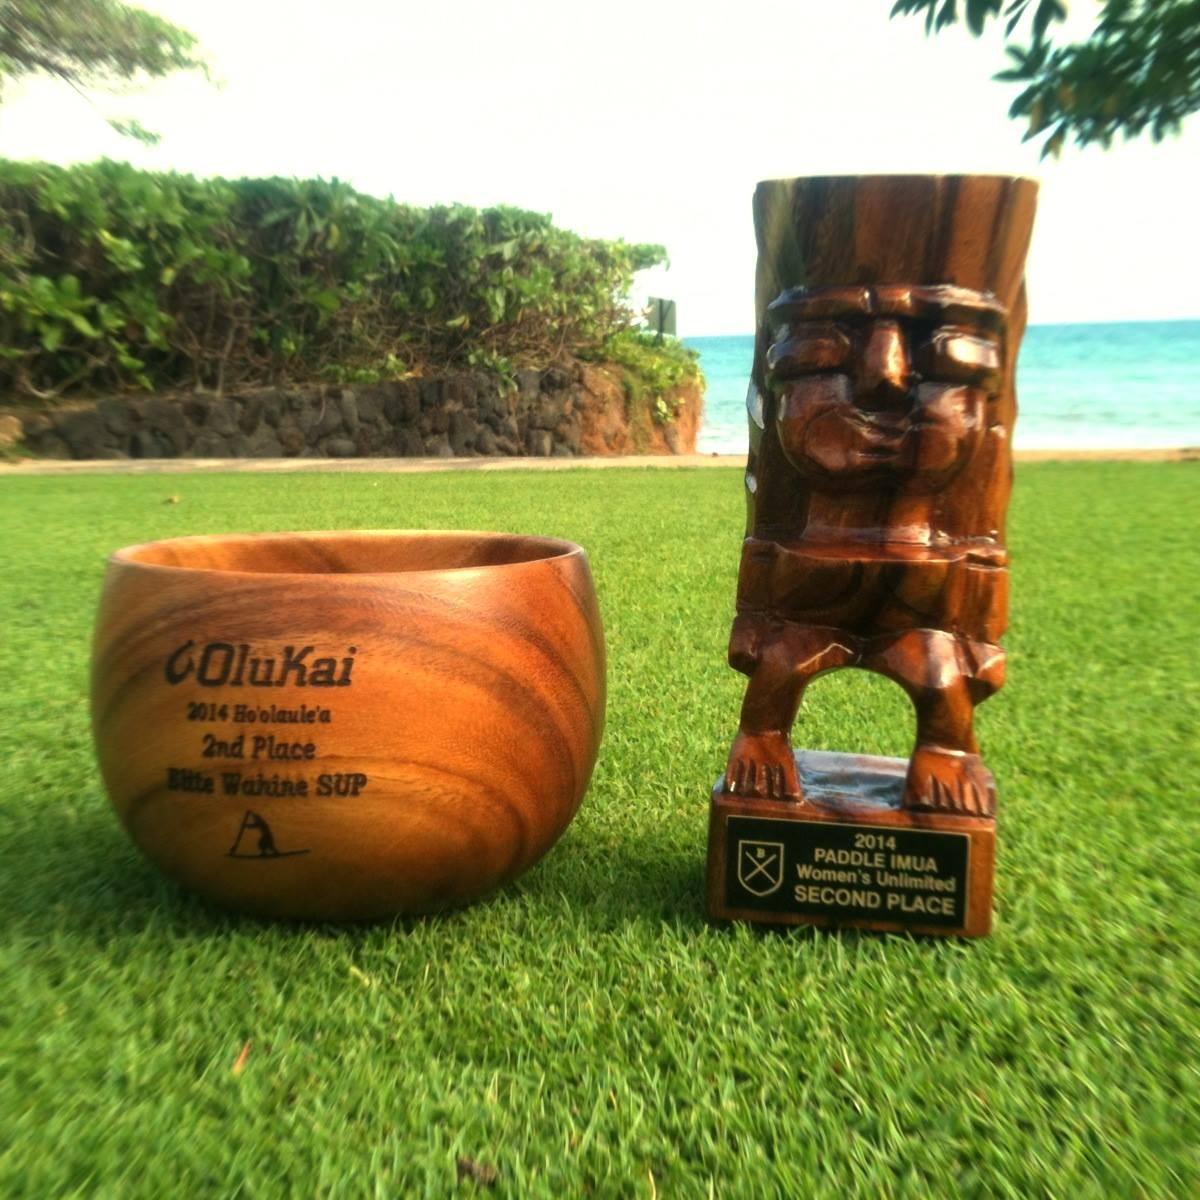 trophies of Maui downwind races 2014